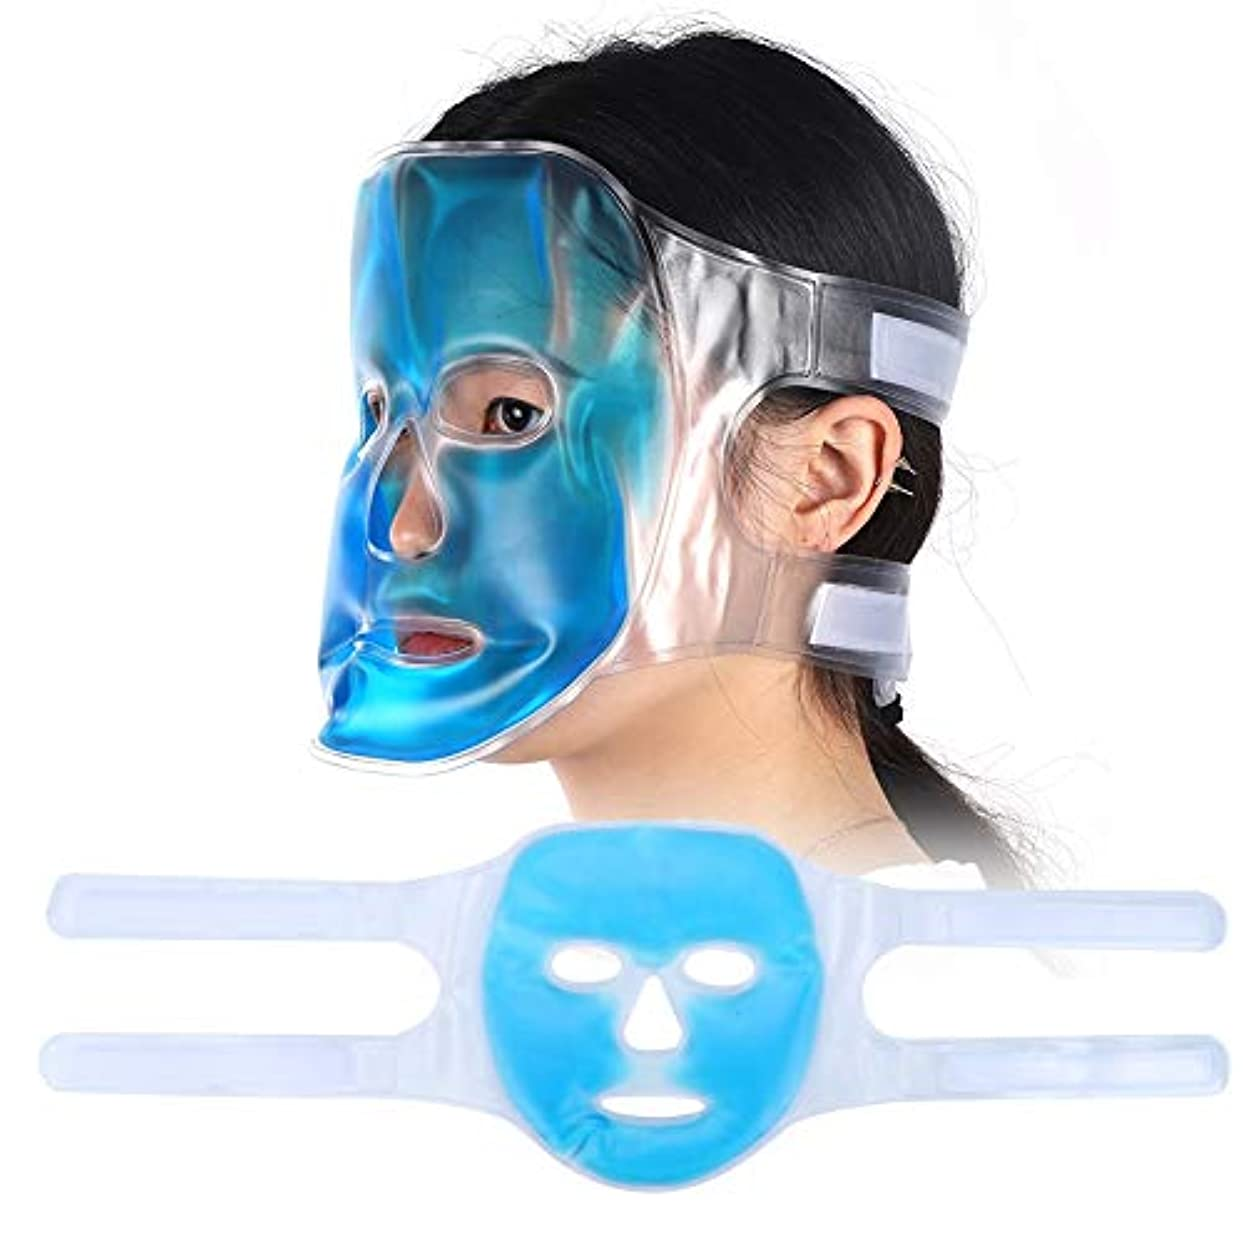 幹プロジェクター恩恵非毒性 保湿 ジェルブルーフェイスマスク 疲労緩和 リラクゼーションフルフェイスクーリングマスク